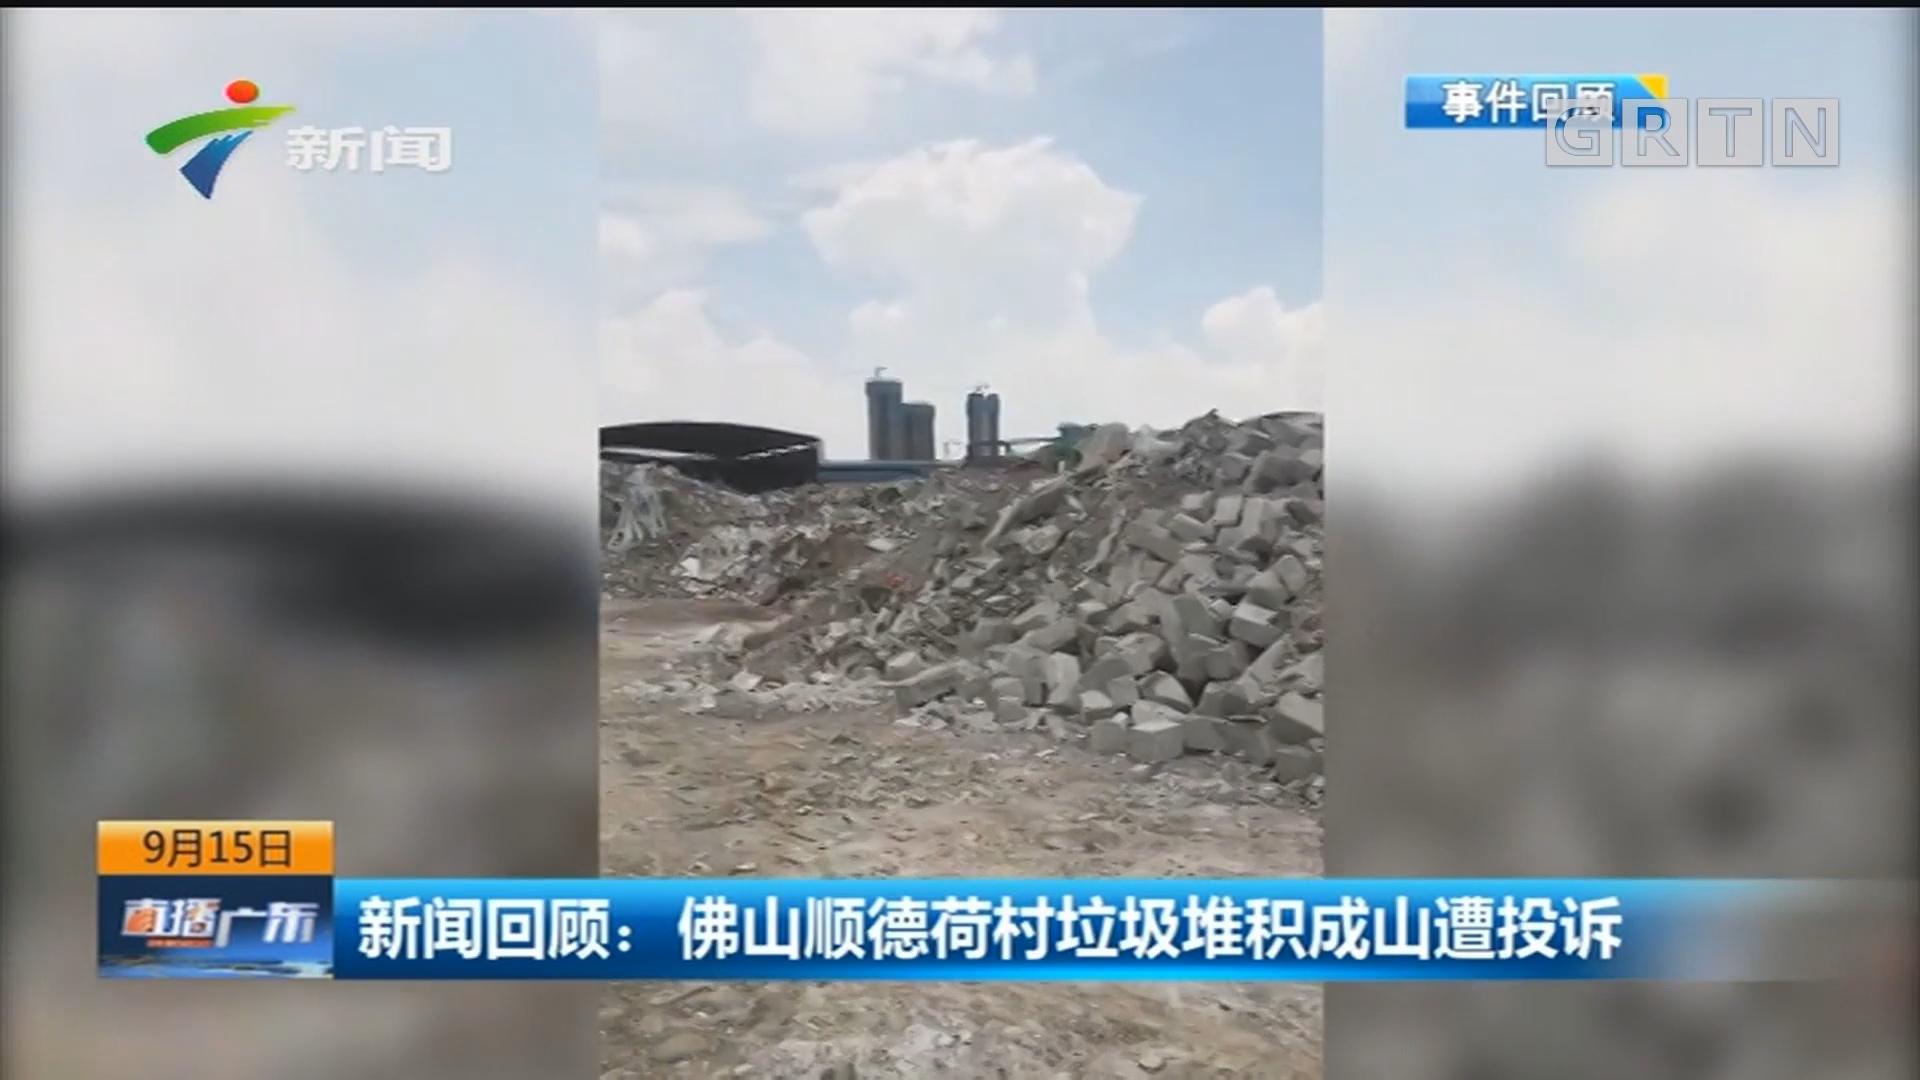 新闻回顾:佛山顺德荷村垃圾堆积成山遭投诉